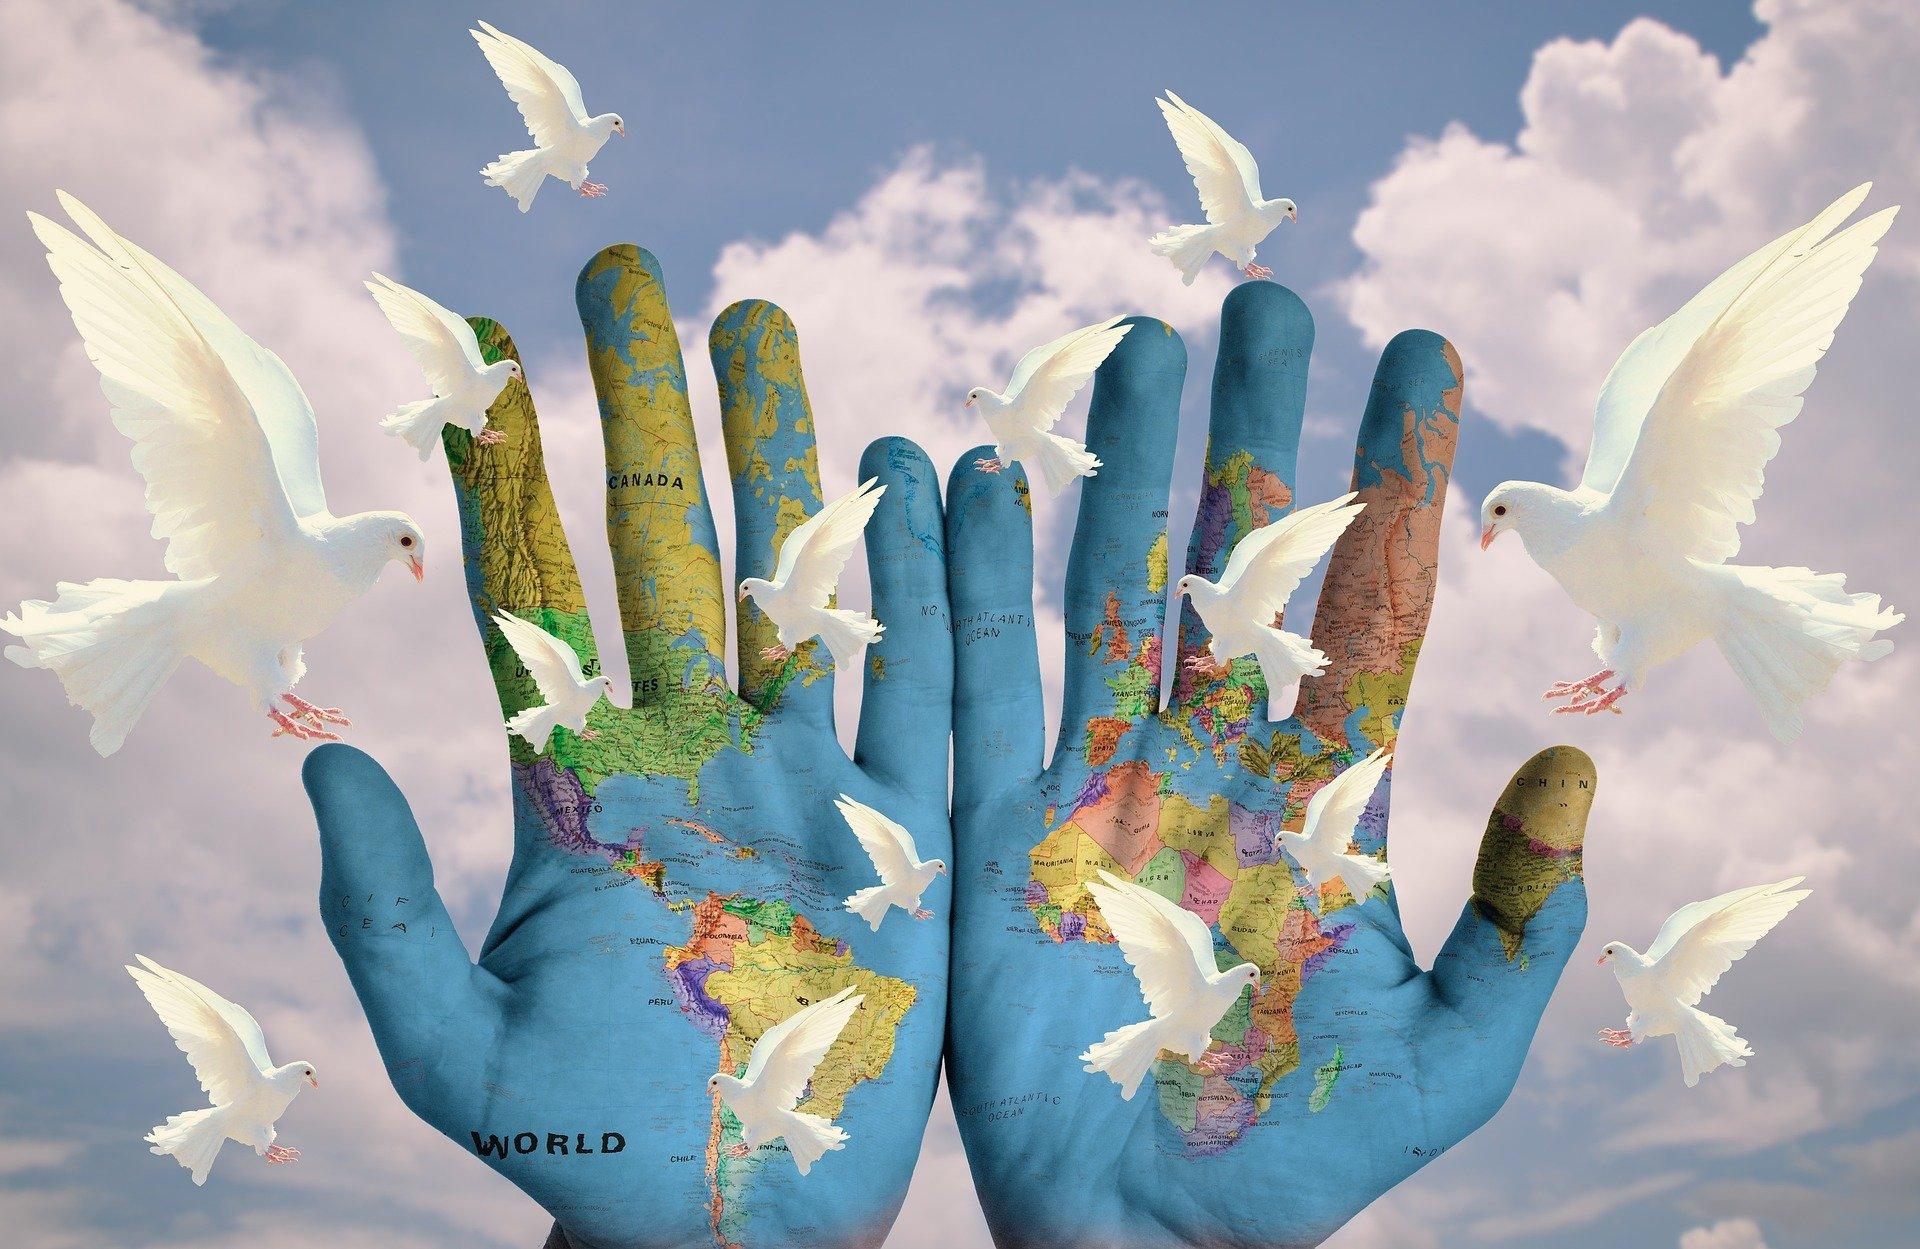 World Taekwondo Peace Festival: Pošlete nám své výtvory na téma taekwondo a mír!